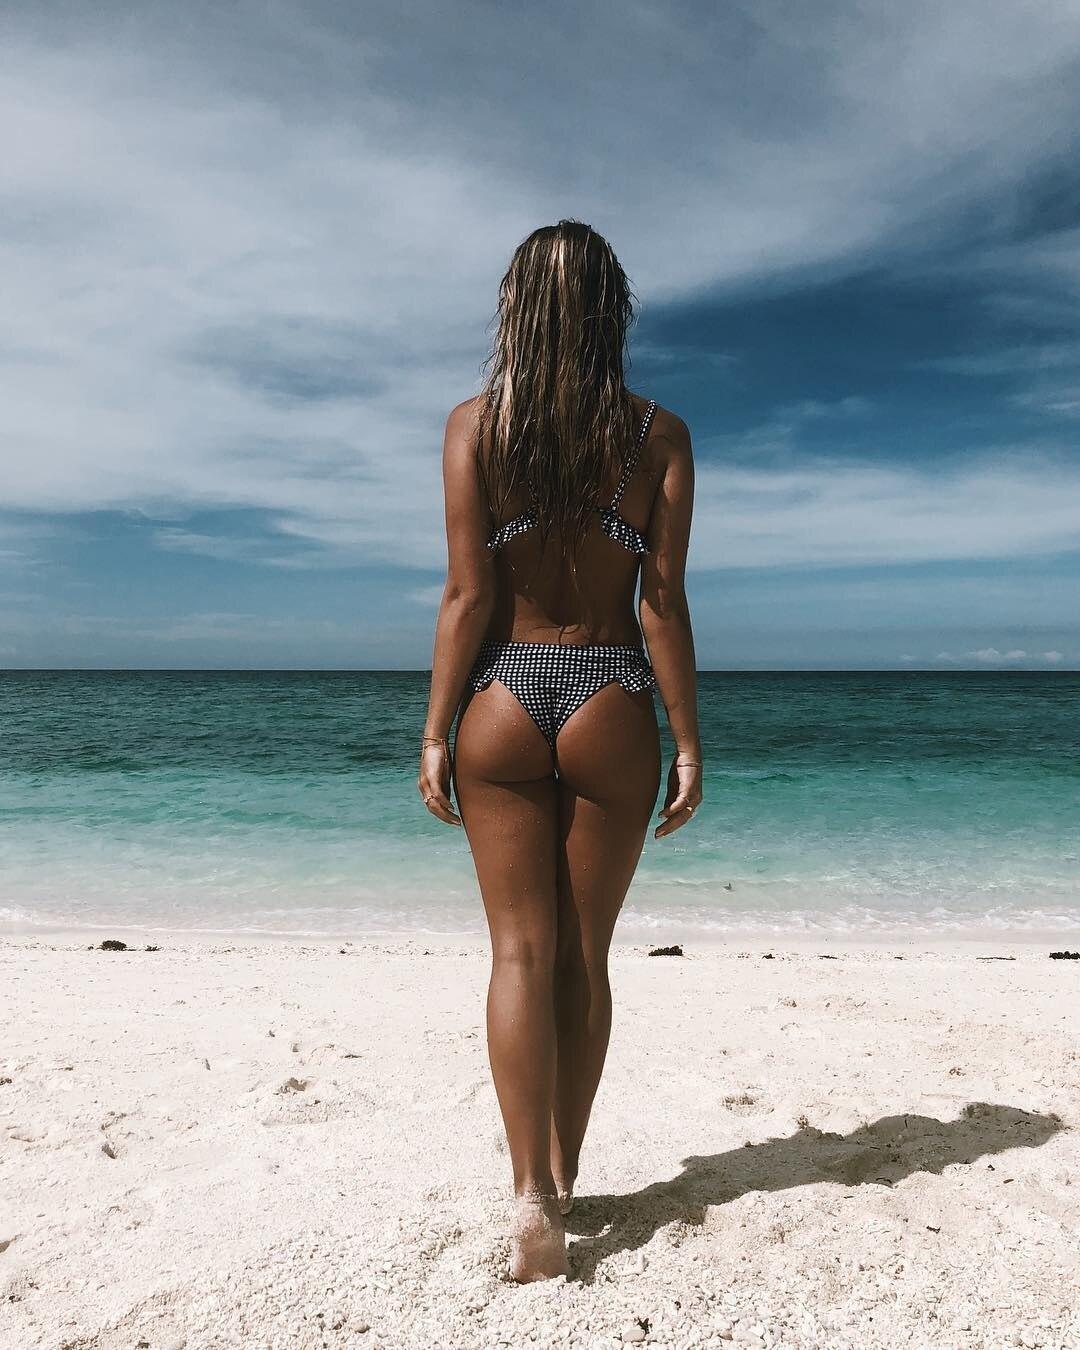 Женский комплект бикини танкини в клетку с рюшами и пуш-ап, Бразильский купальный костюм из 2 предметов, купальник бикини, пляжная одежда